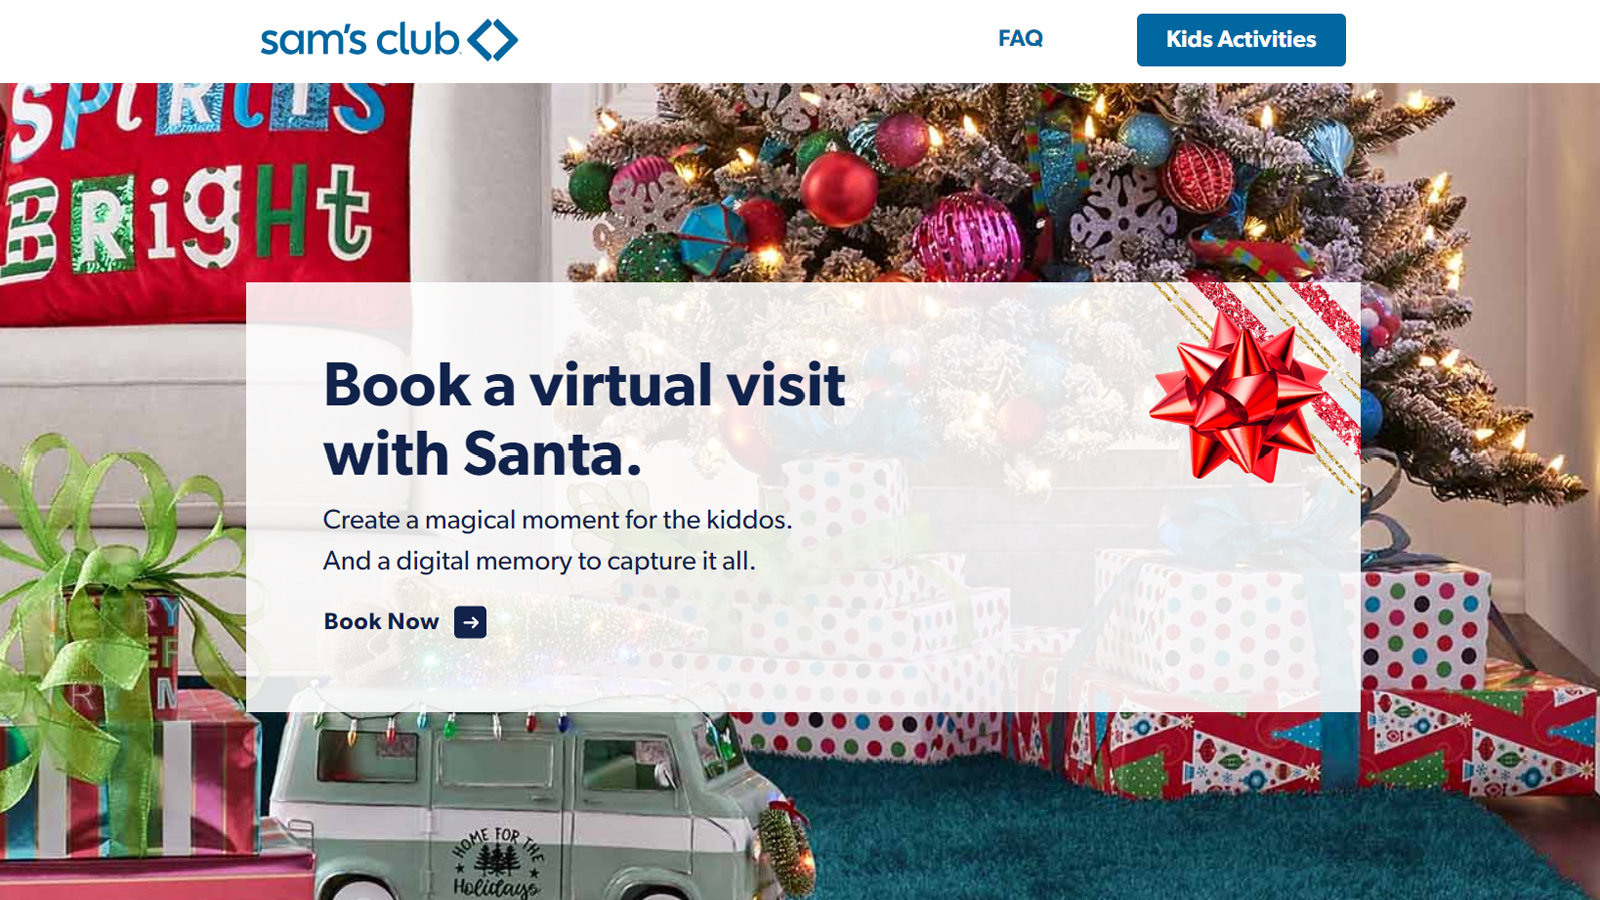 Sam's Club virtual Santa visit options for photo account members